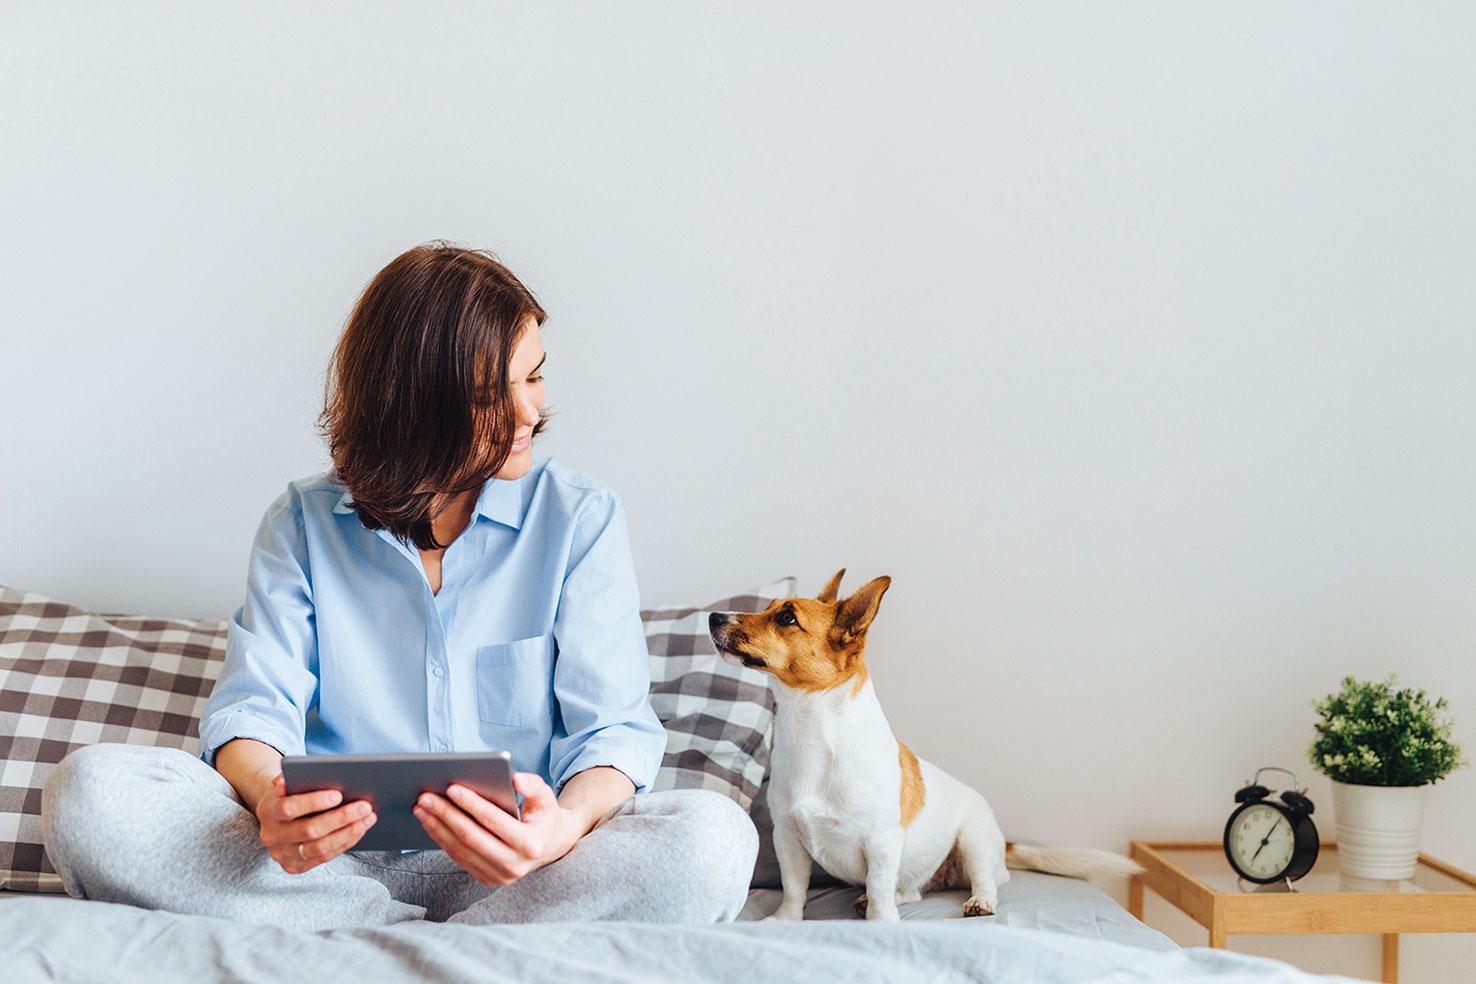 寵物是人類的好伴侶,但寵物也會感受到人的負面情緒。(Shutterstock)